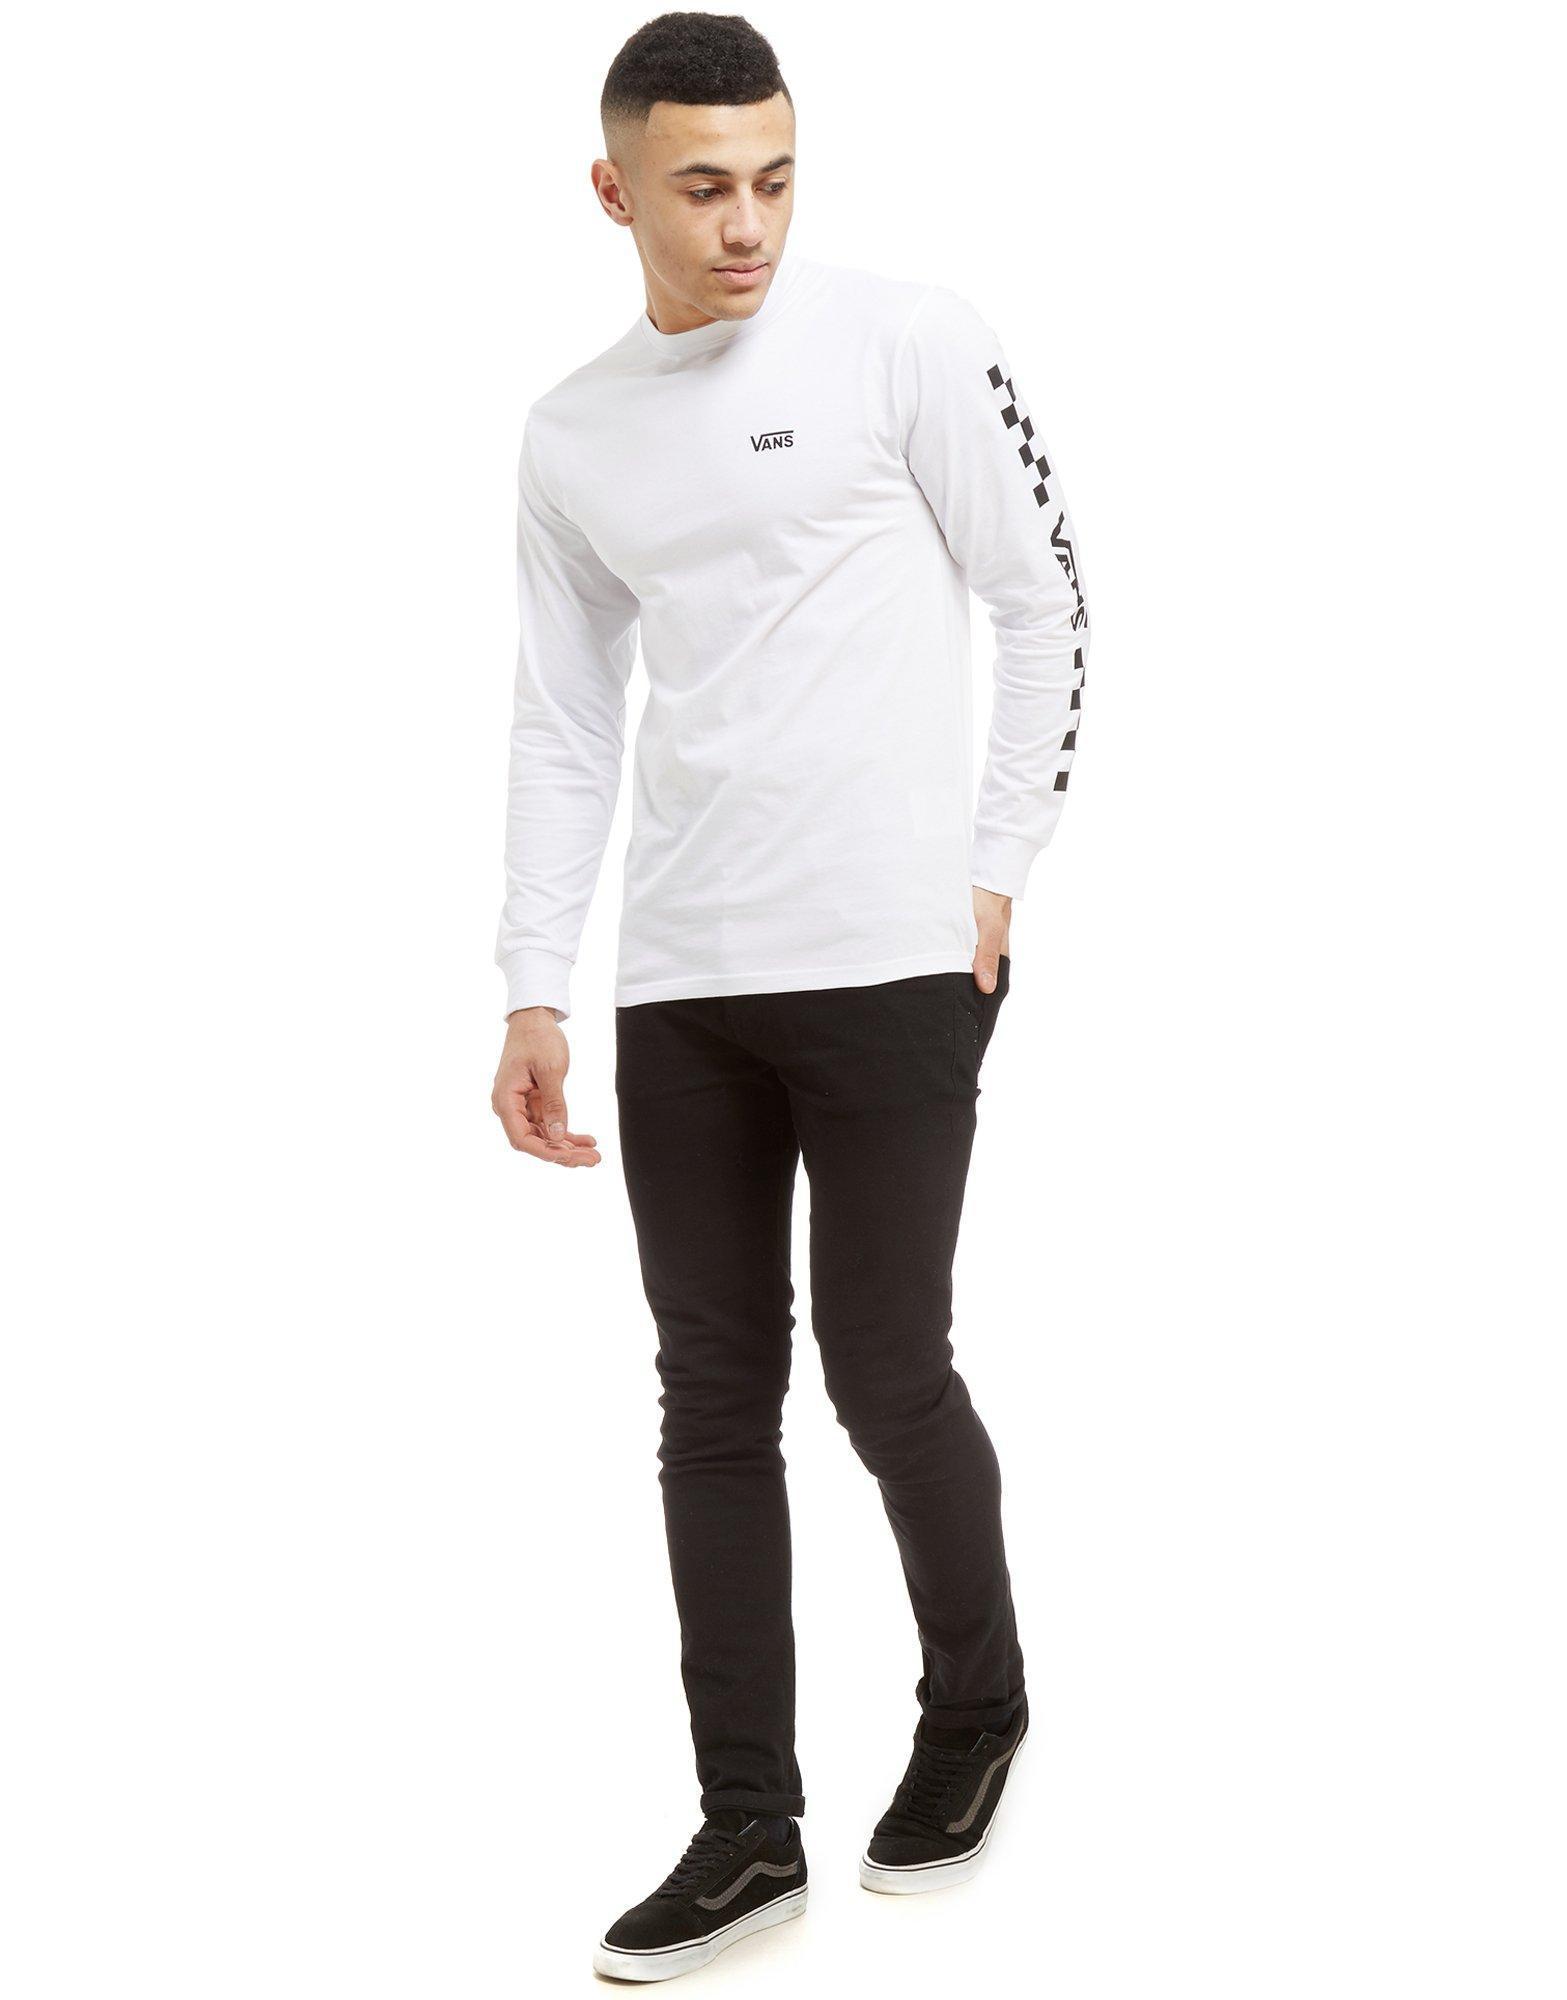 Lyst - Vans Checkered Drop V Long Sleeve T-shirt in White for Men 5713341e0